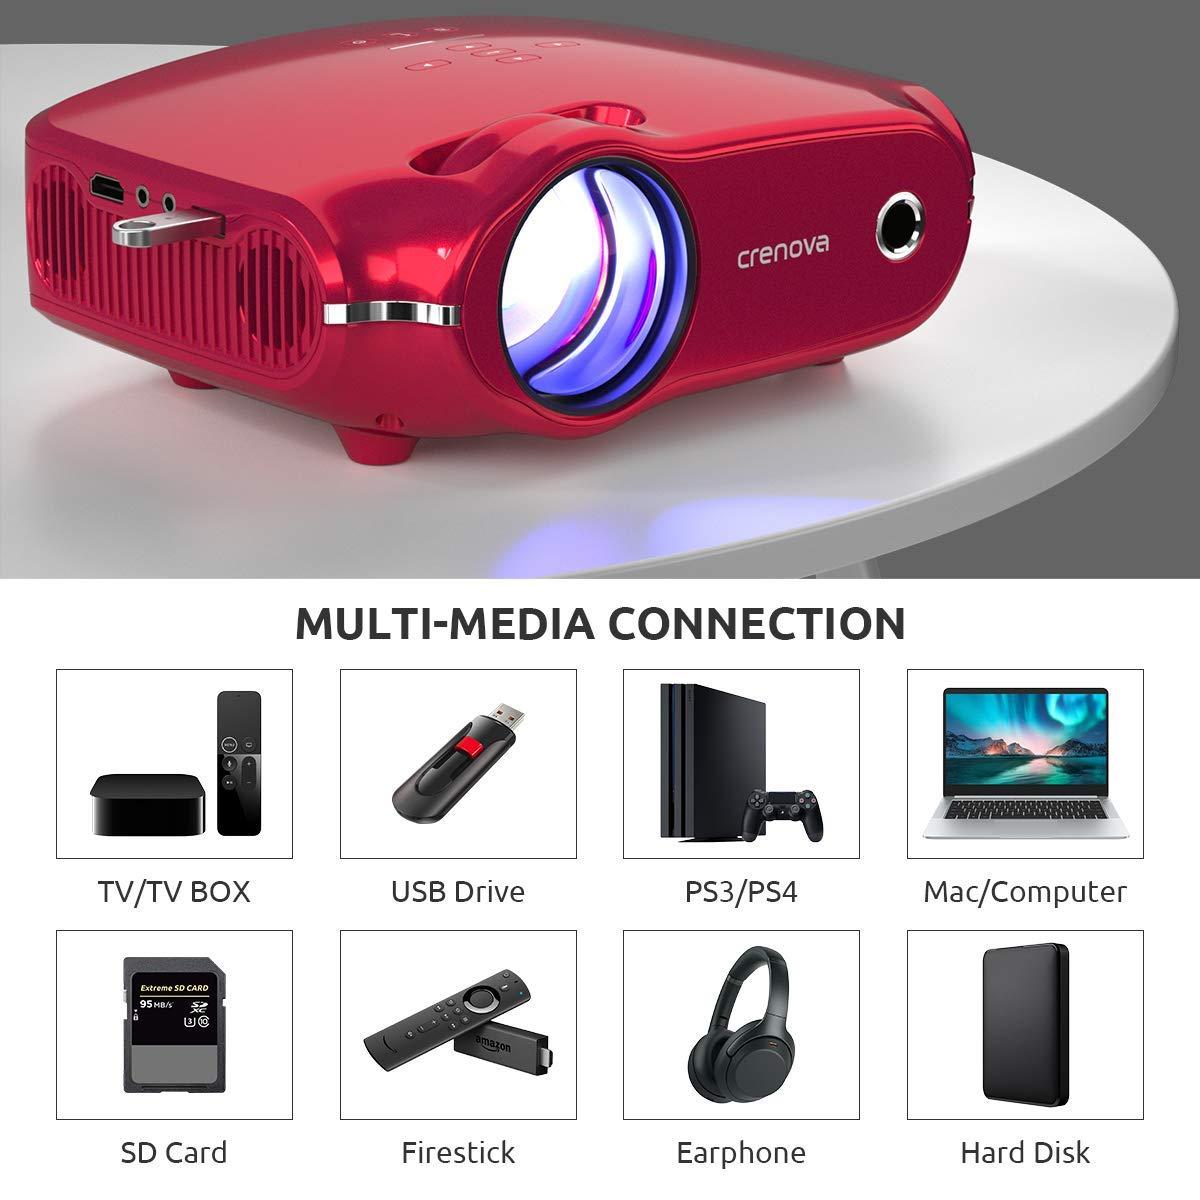 Crenova Mini Proyector, 3200 Lux Proyector de vídeo portátil para ...